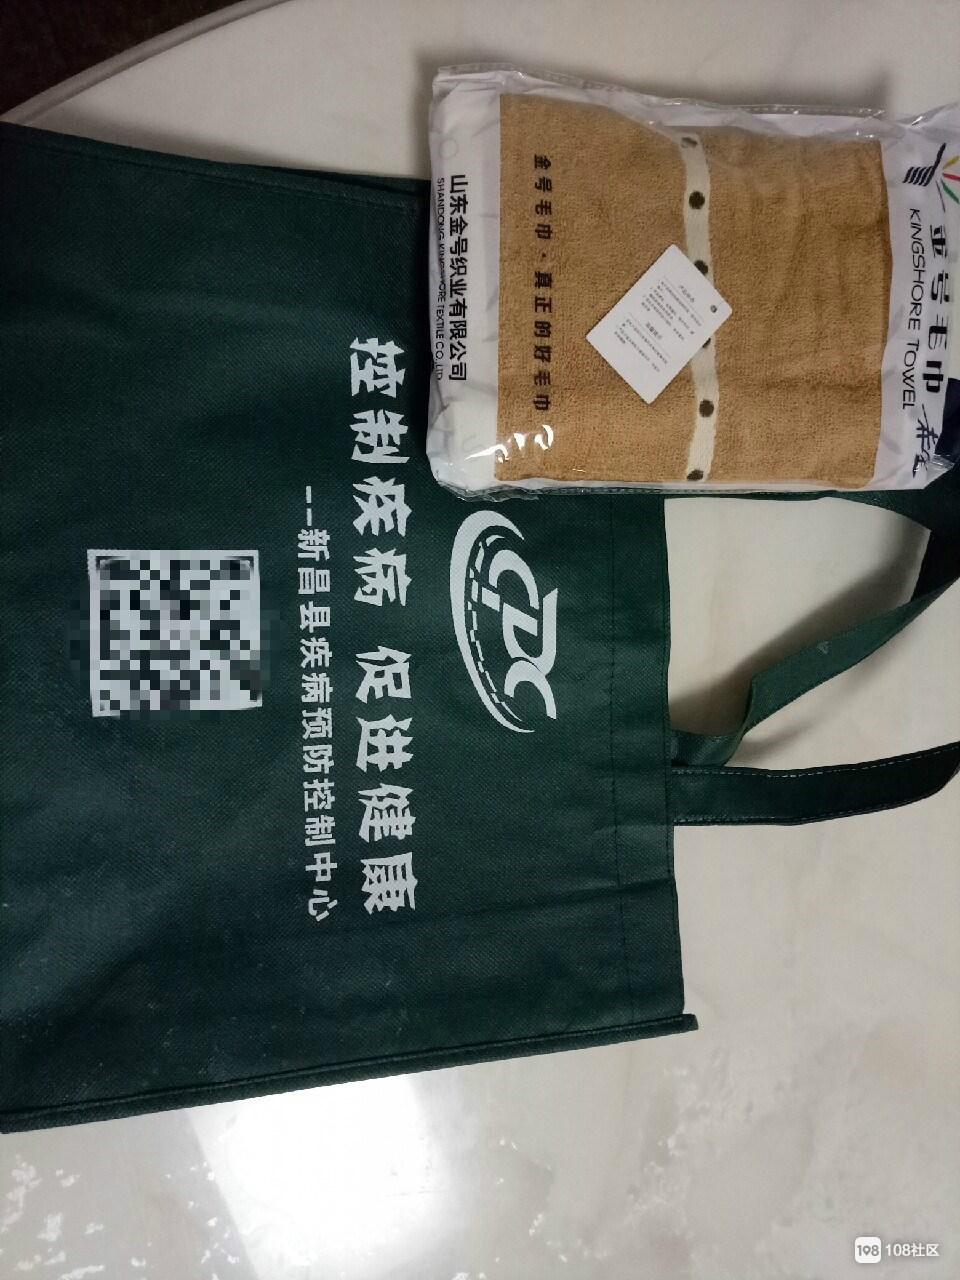 包装 包装设计 购物纸袋 纸袋 960_1280 竖版 竖屏图片